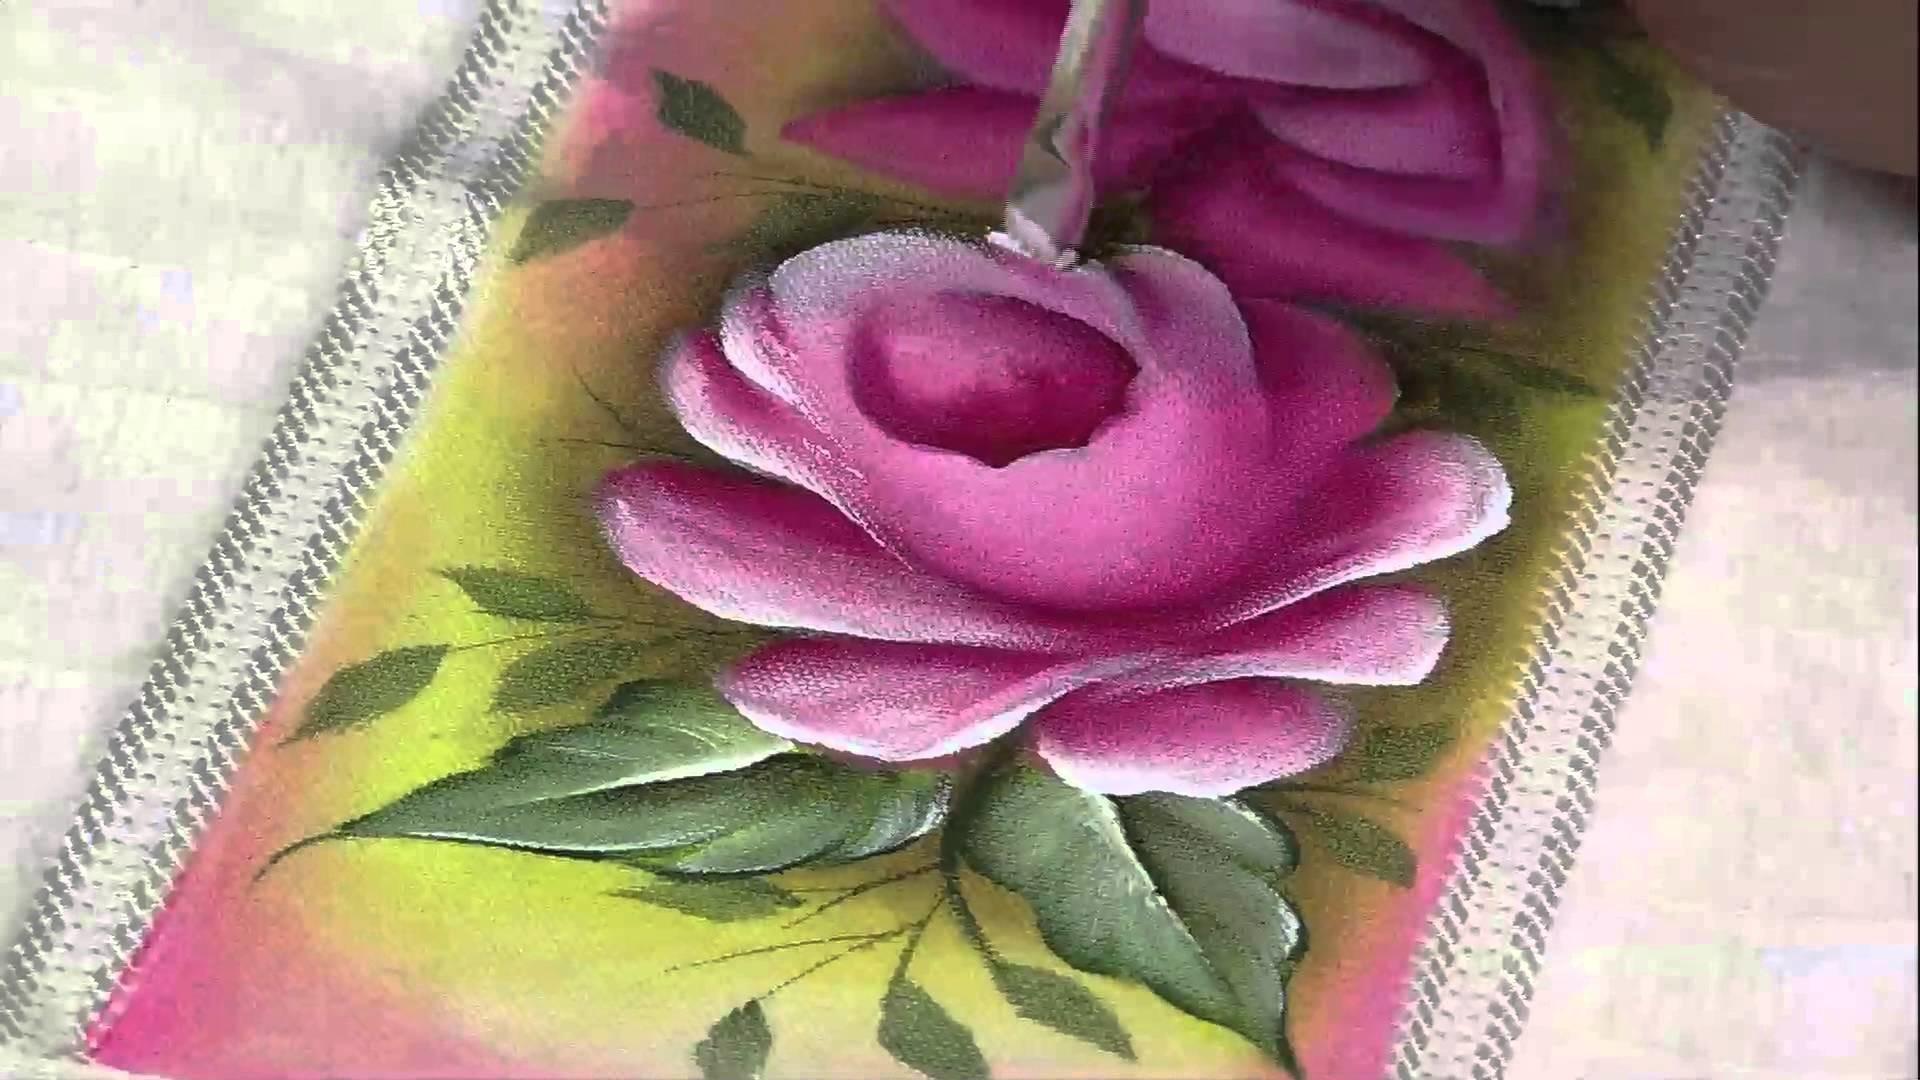 Mulher.com 15.03.2013 Luciano Menezes - Pintura em tecido rosas  parte 2